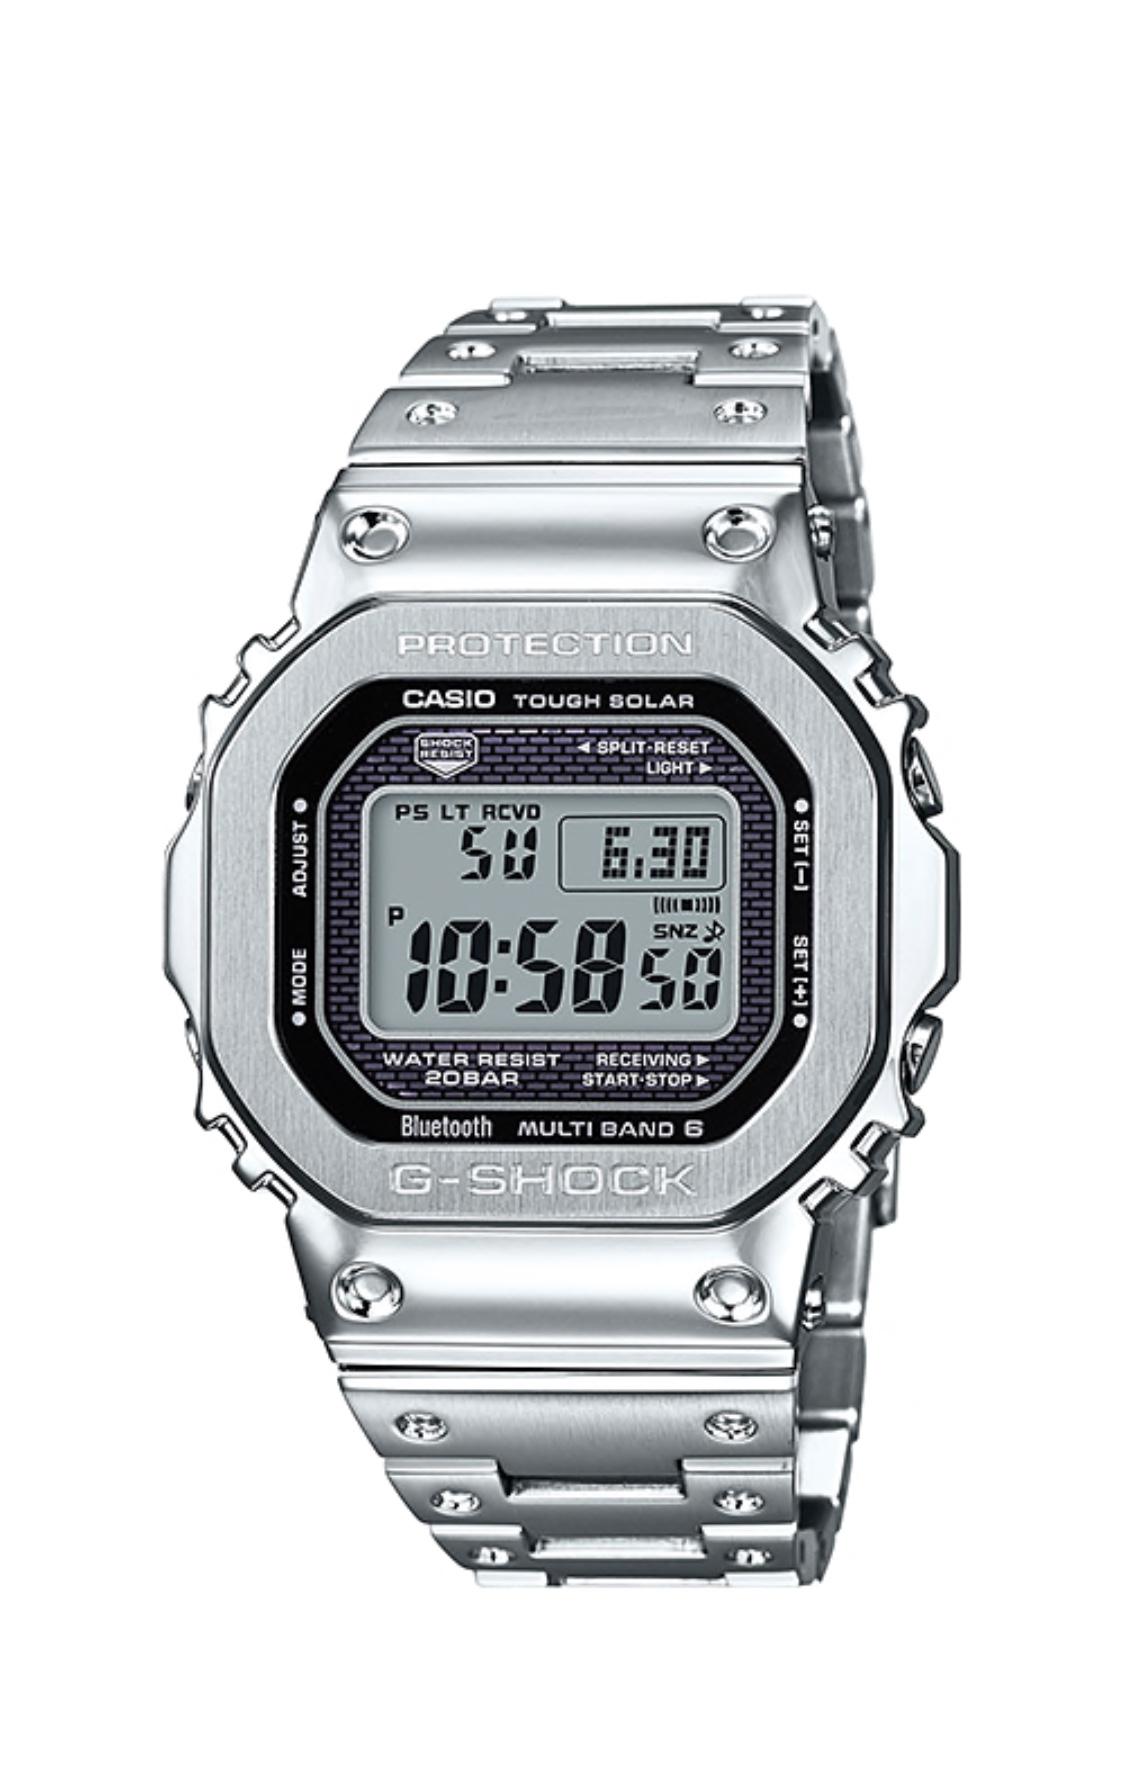 นาฬิกา Casio G-Shock GMW-B5000 series รุ่น GMW-B5000D-1 ของแท้ รับประกันศูนย์ 1 ปี